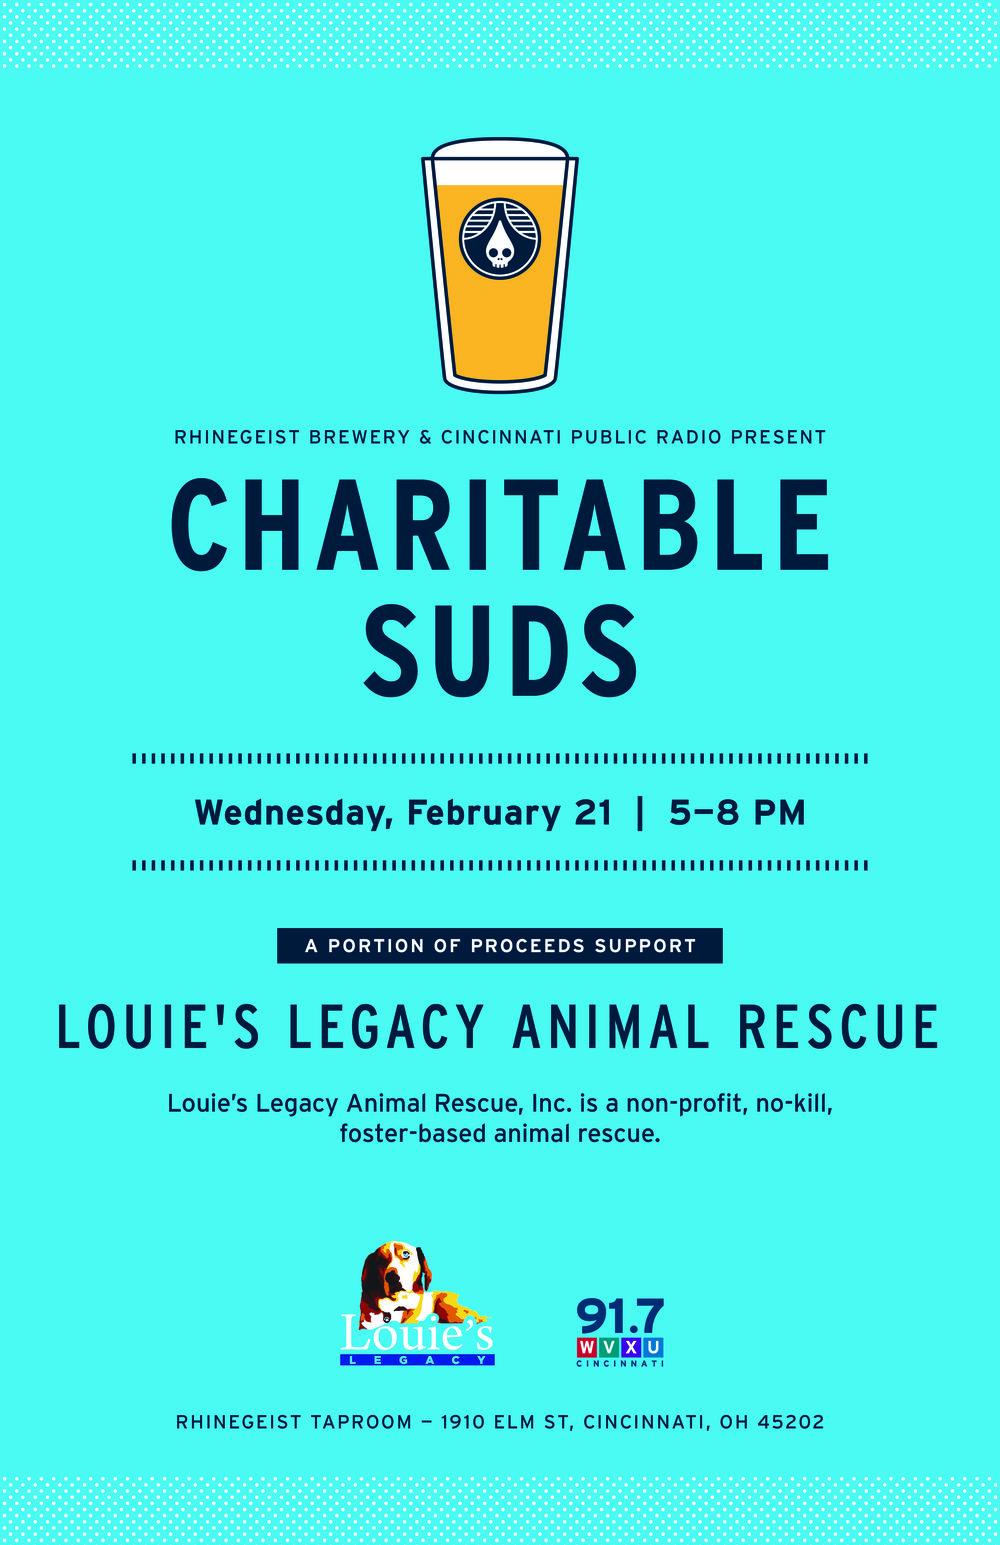 CharitableSuds_LouiesLegacy_Poster-01.jpg